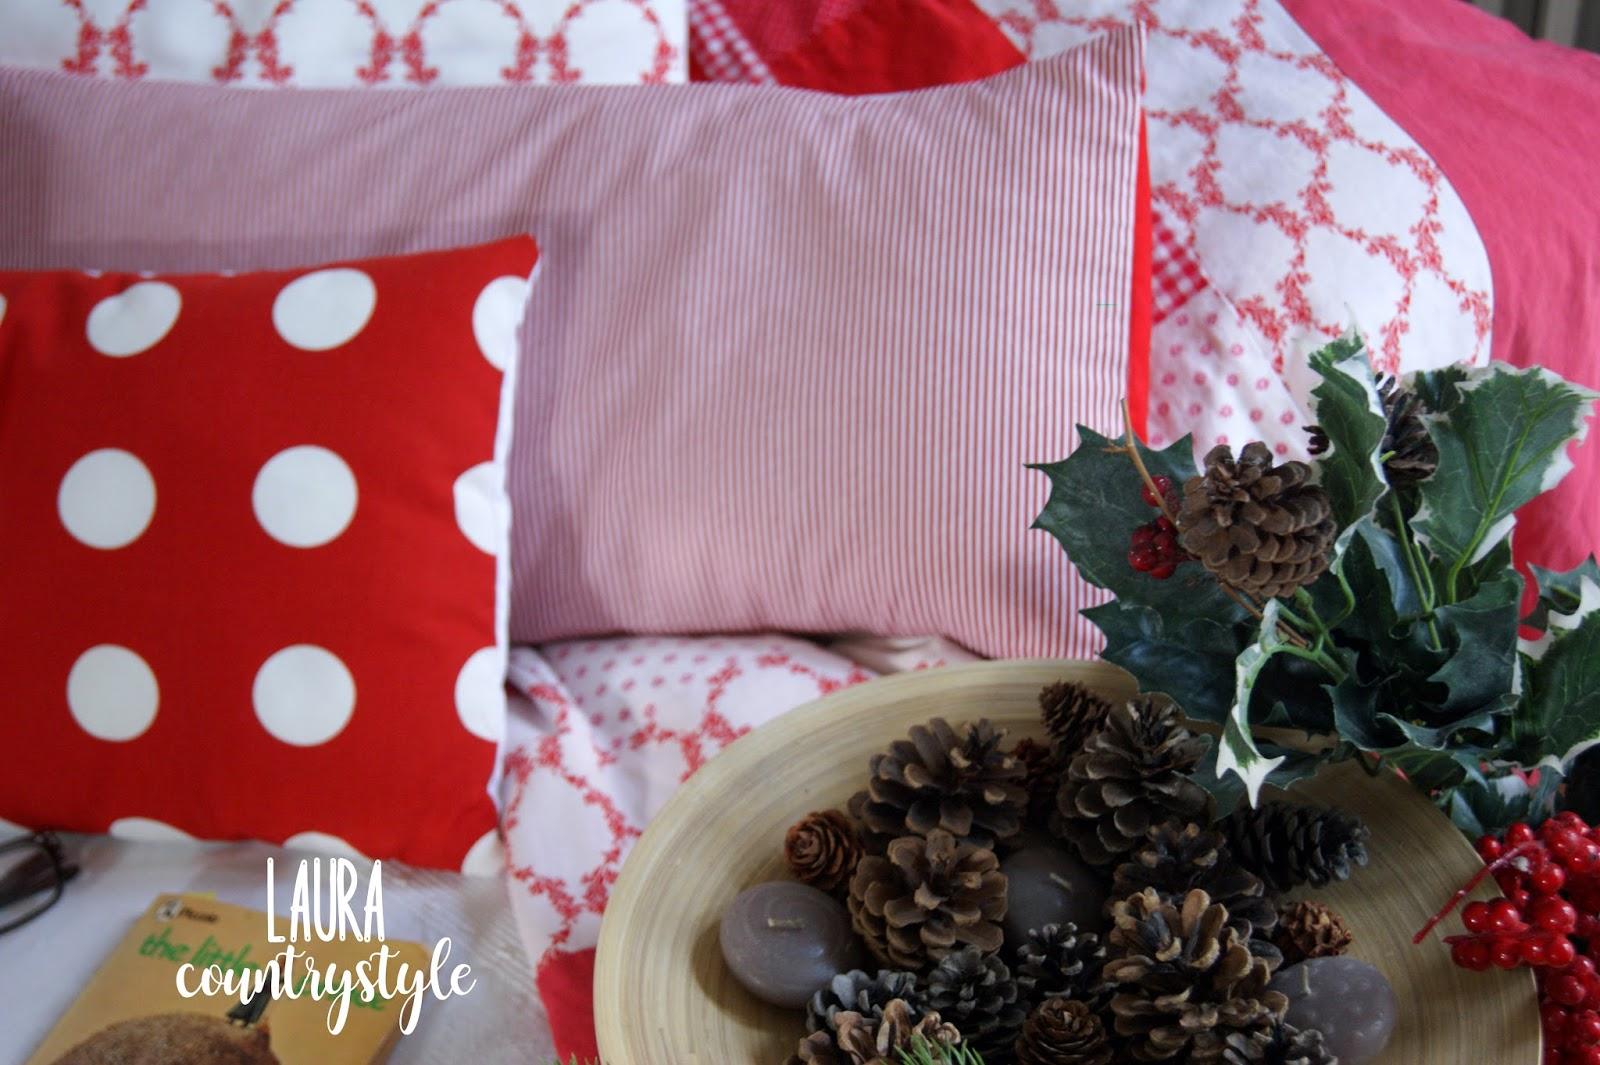 Cucire Cuscino Senza Cerniera laura country style: home decor: youtube tutorial